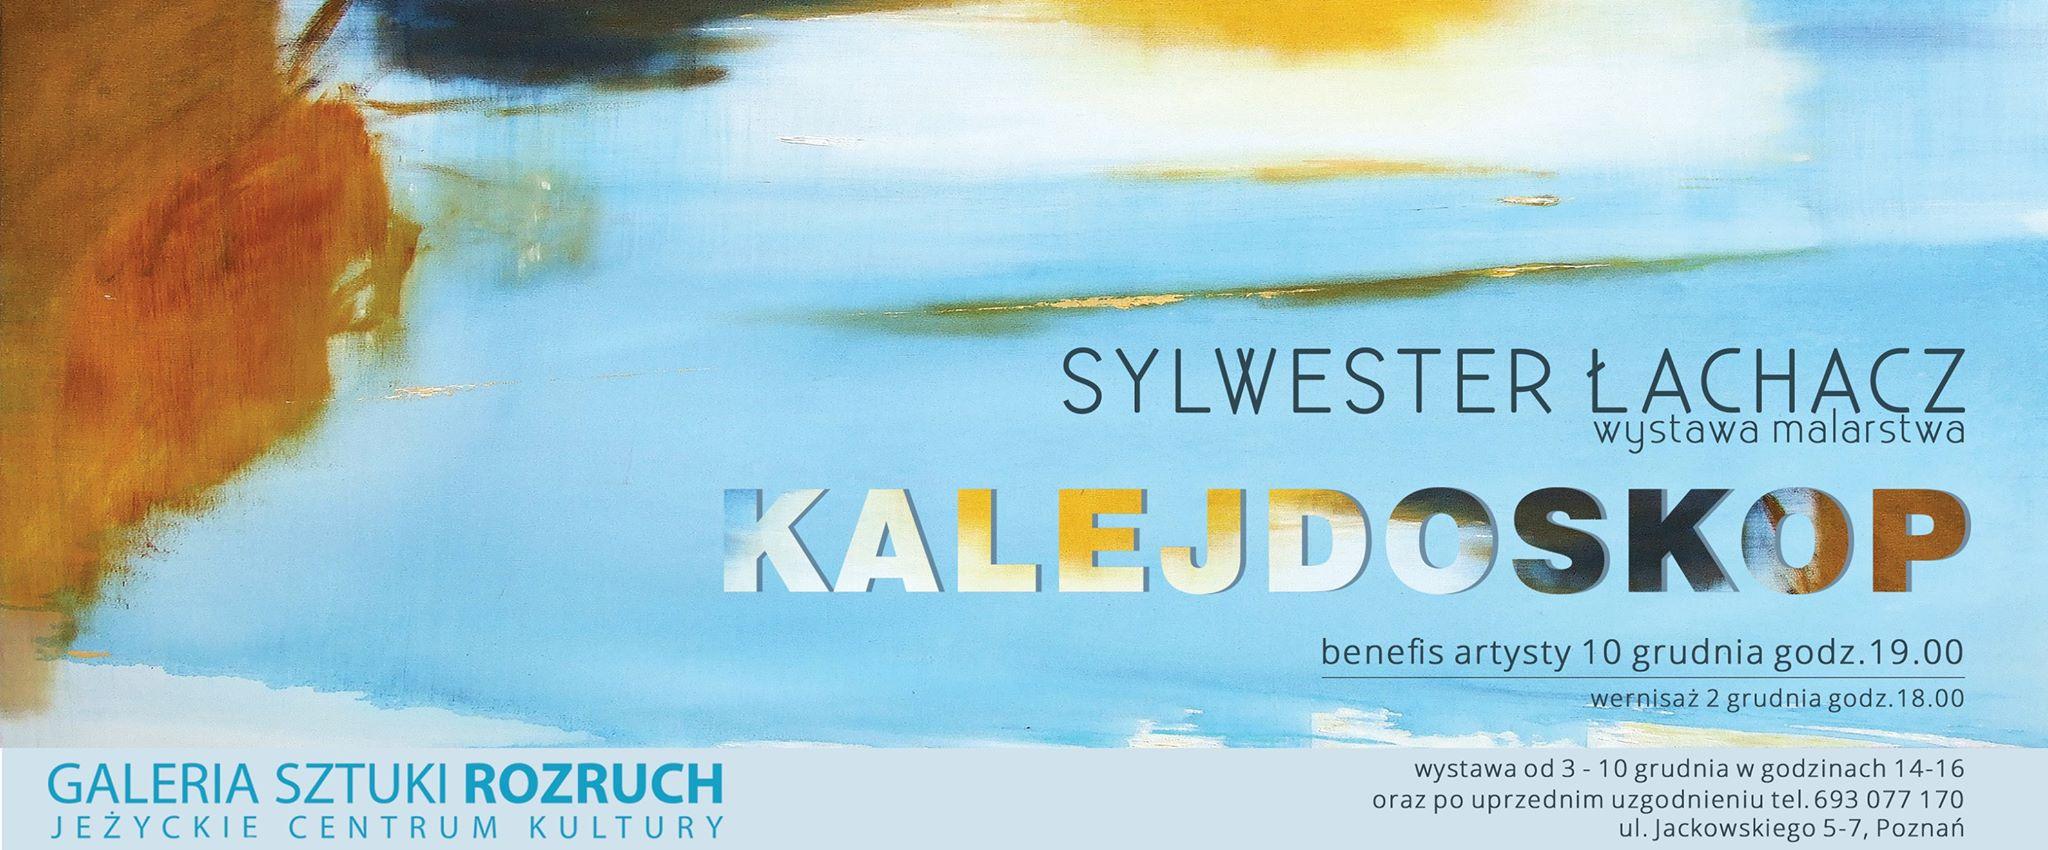 Kalejdoskop - Sylwester Łachacz